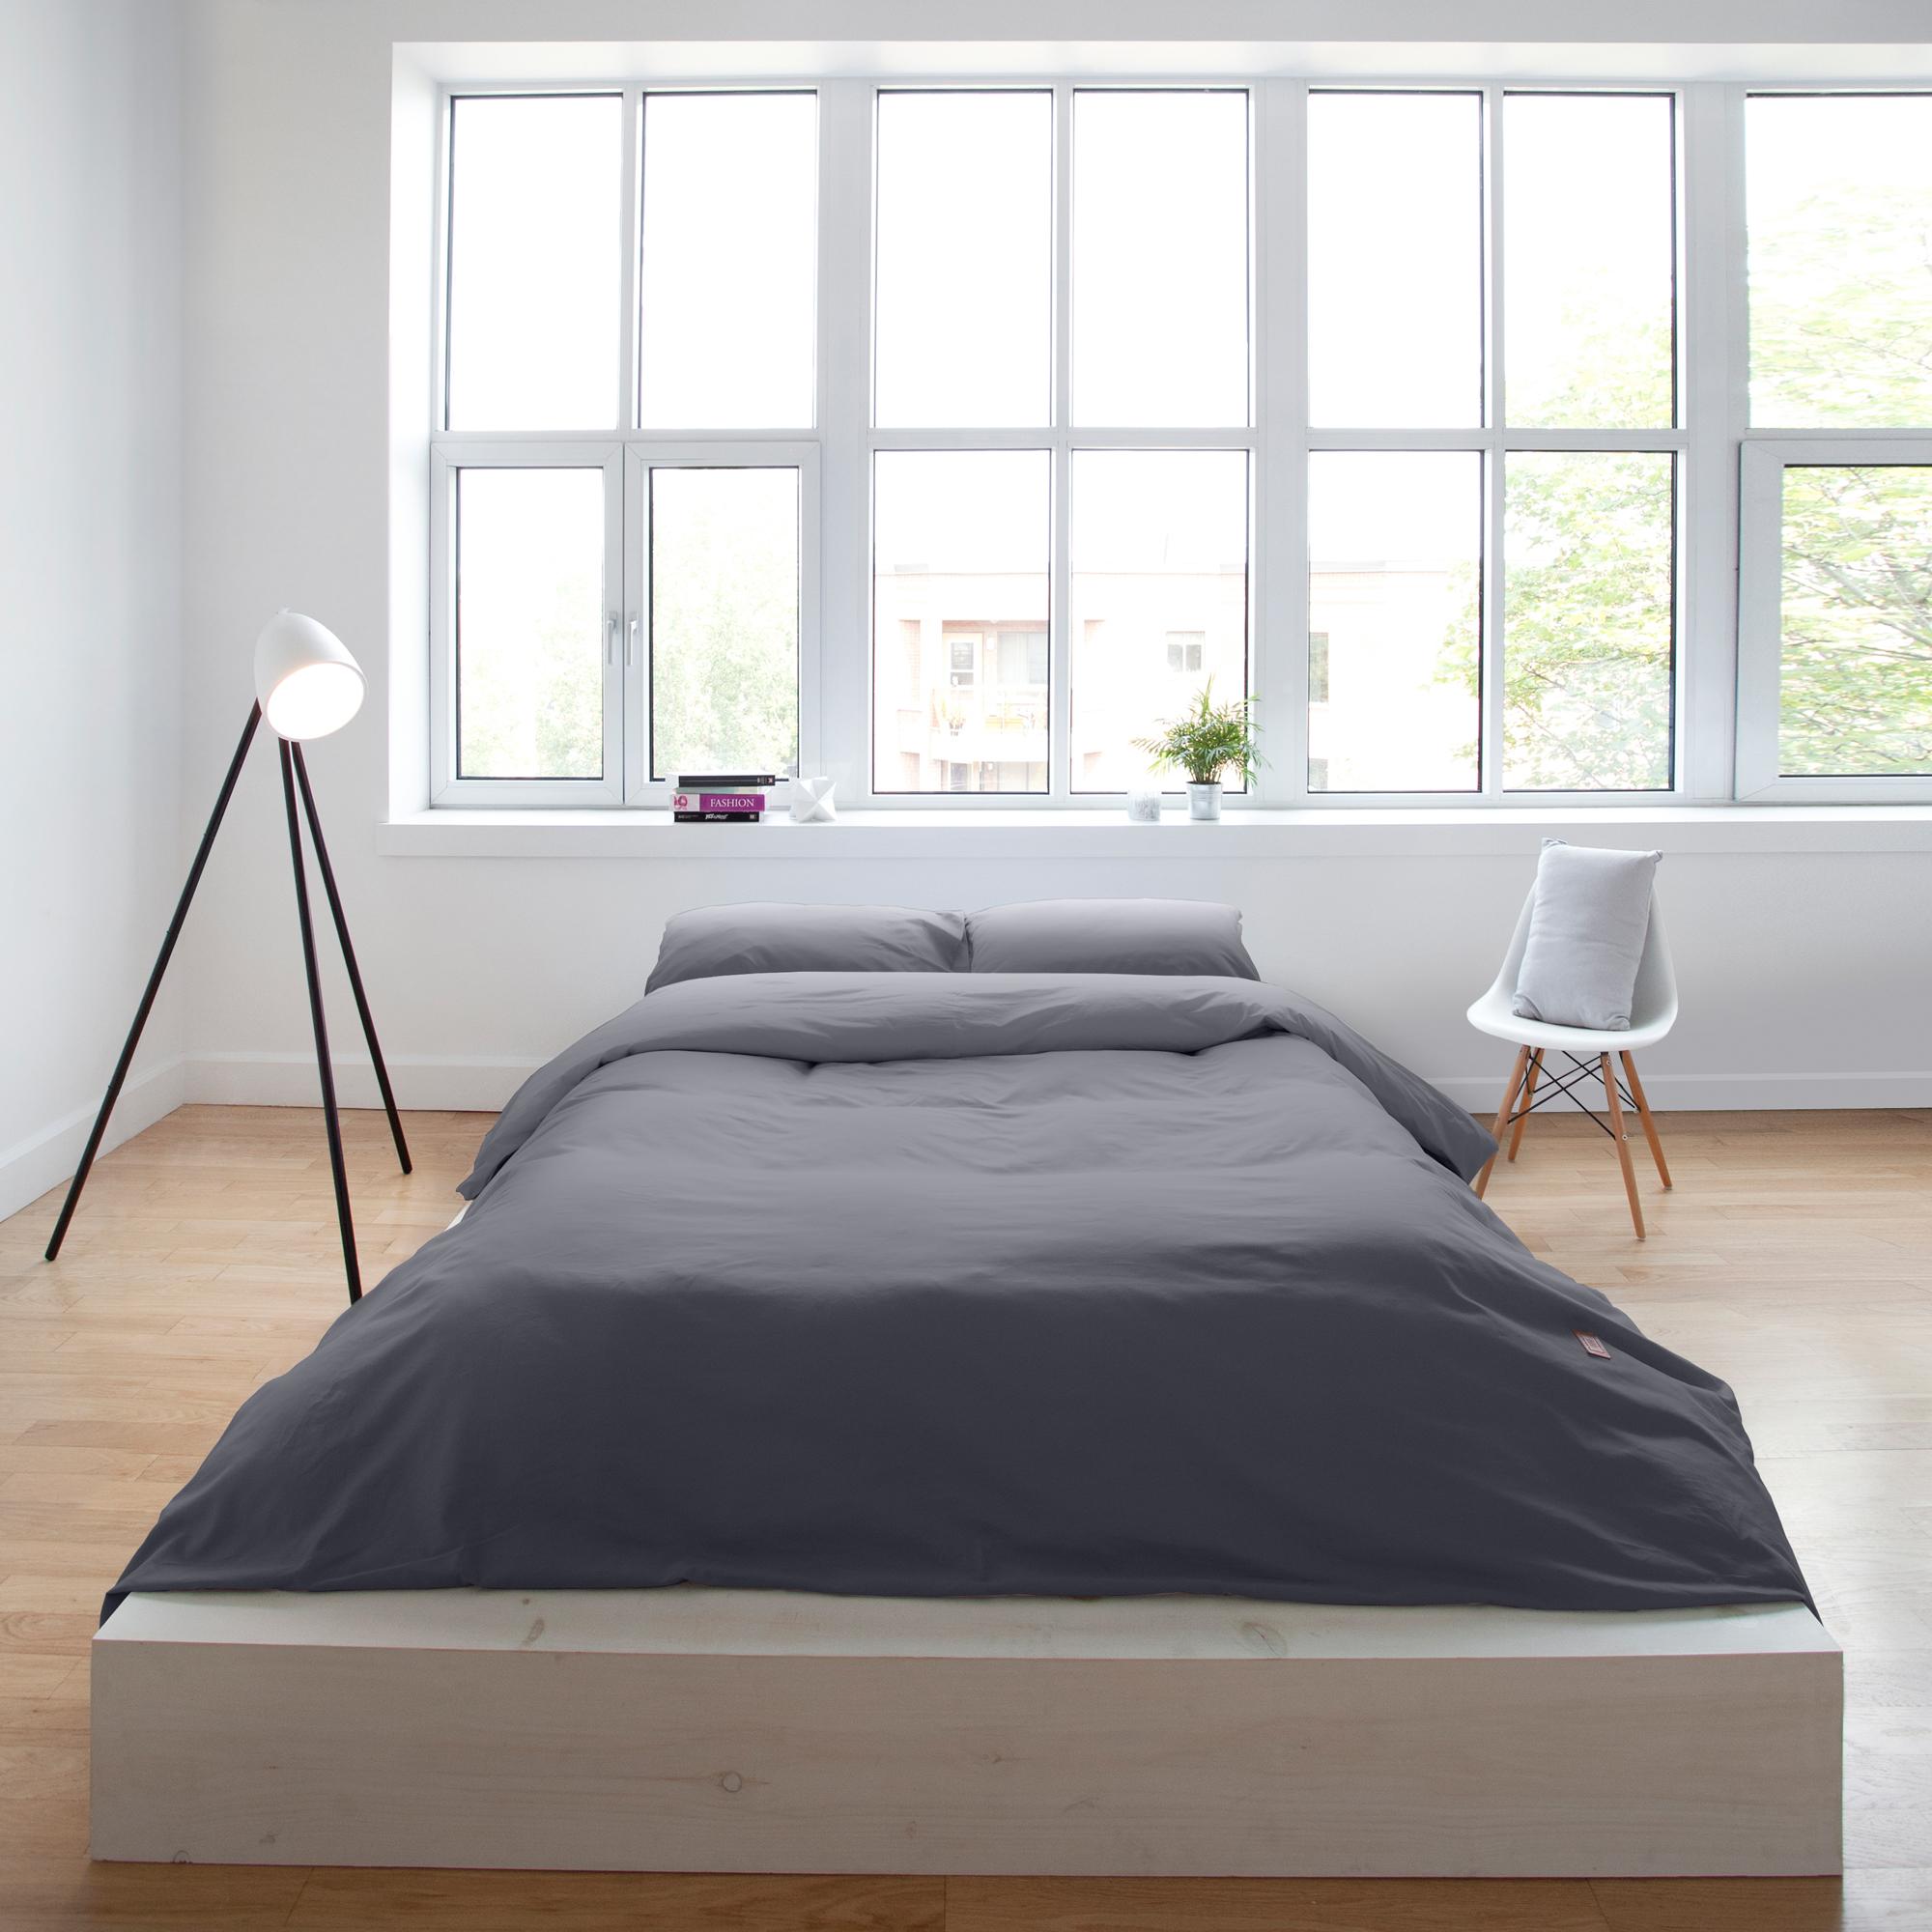 housse de couette infiniment grise laduvet nordique. Black Bedroom Furniture Sets. Home Design Ideas